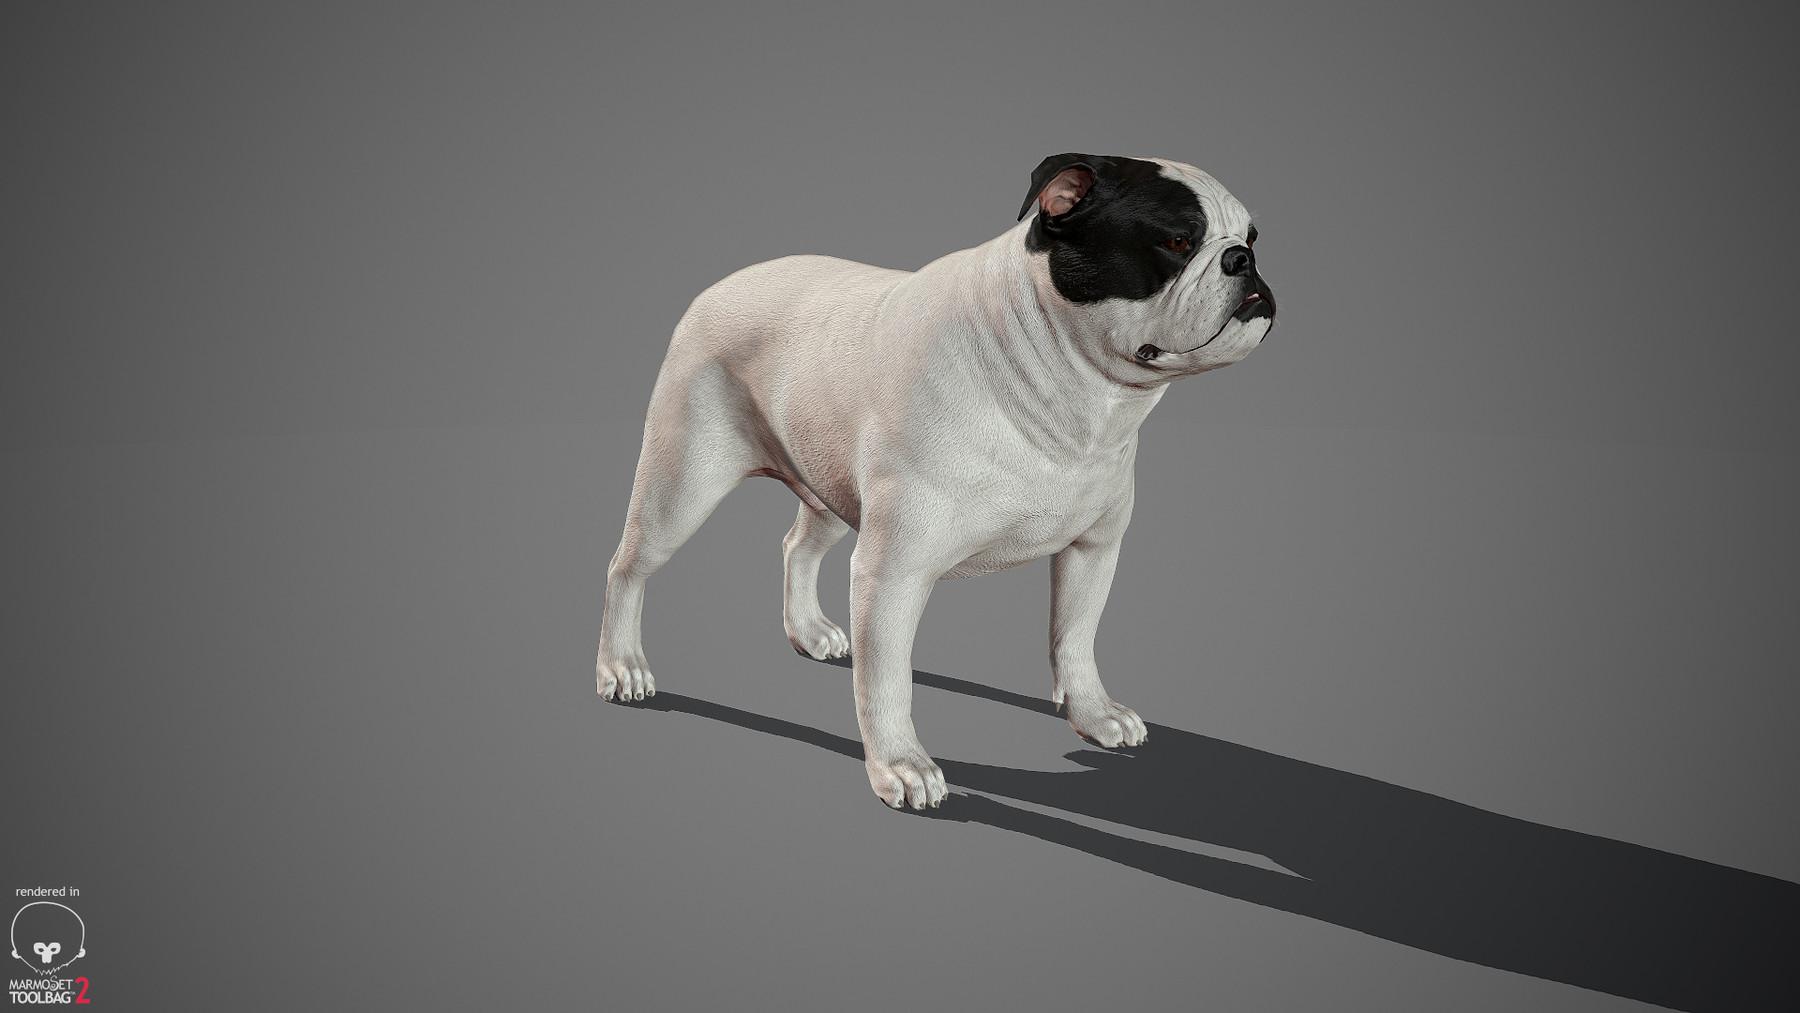 Englishbulldog by alexlashko marmoset 38